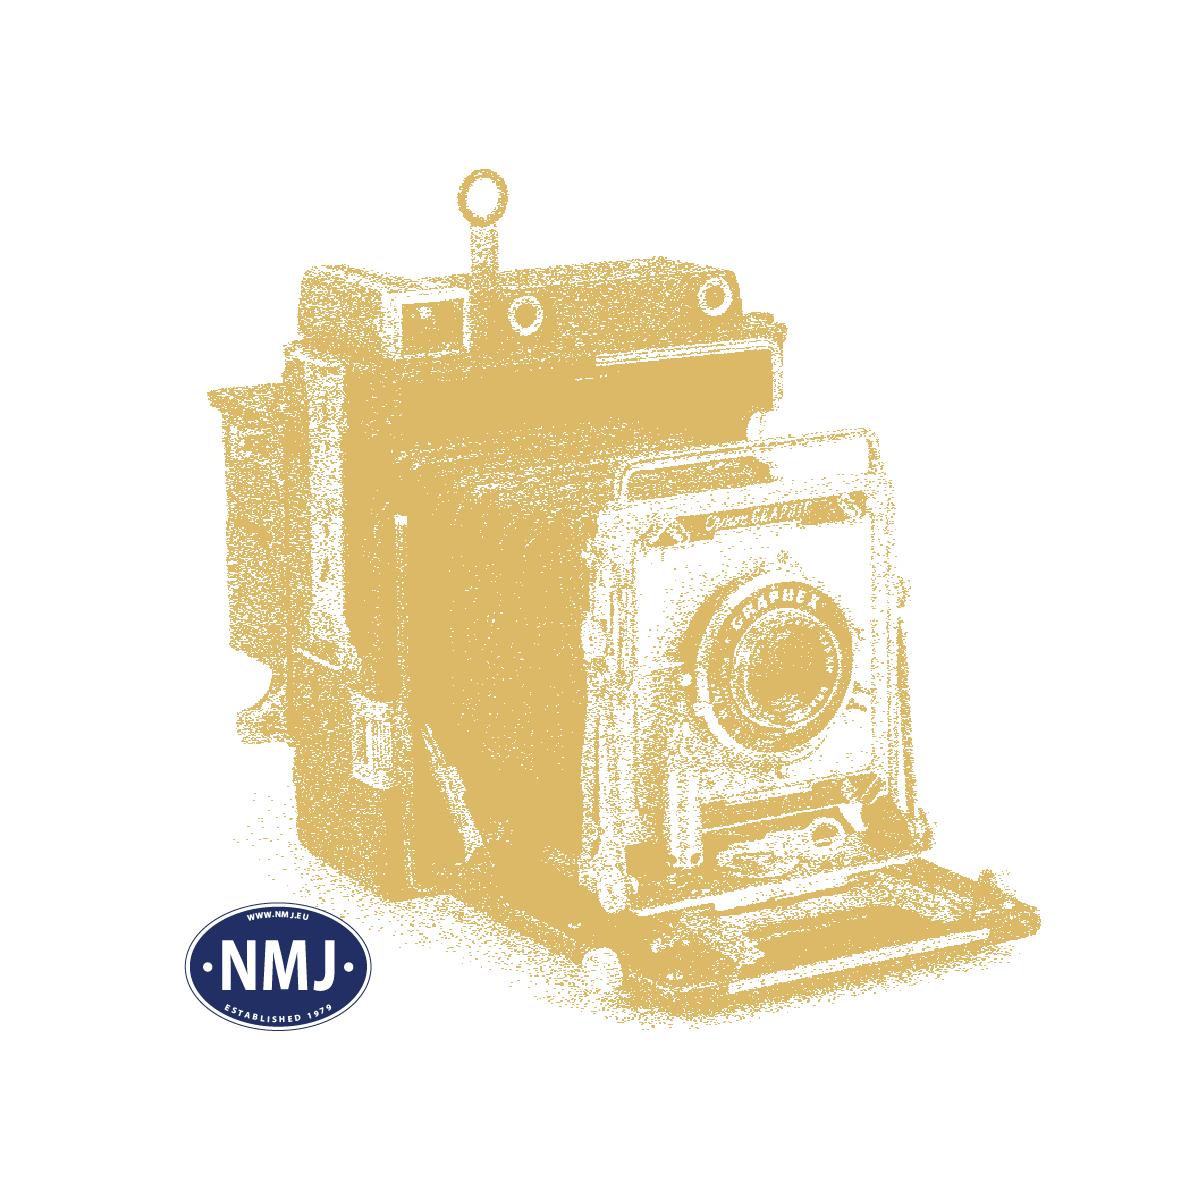 MJM2215 - MJ-Magasinet Nr 22, 2015, Blad